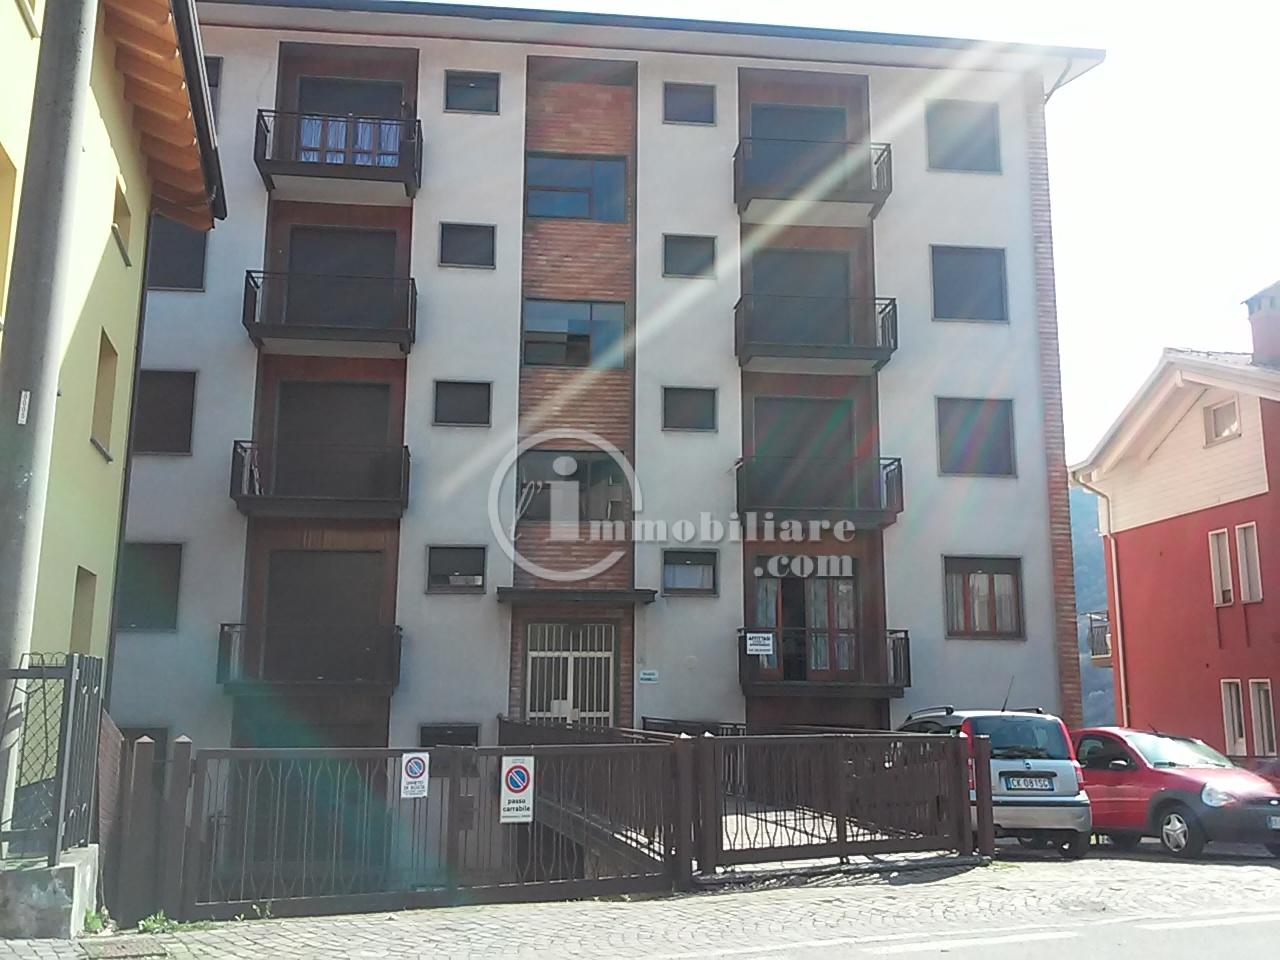 Appartamento in Vendita a Esino Lario: 3 locali, 85 mq